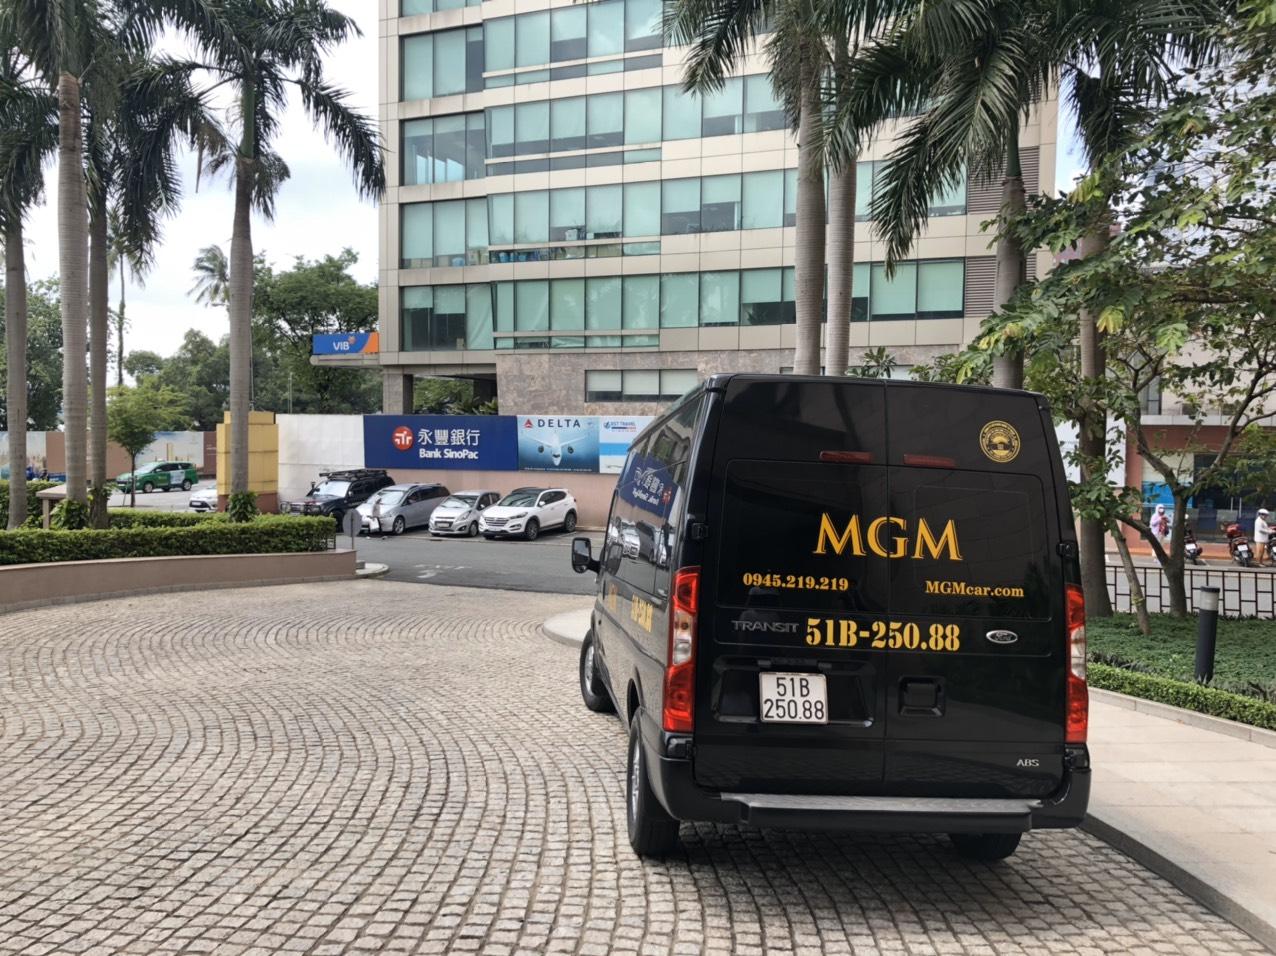 Xe của MGM phục vụ khách hàng